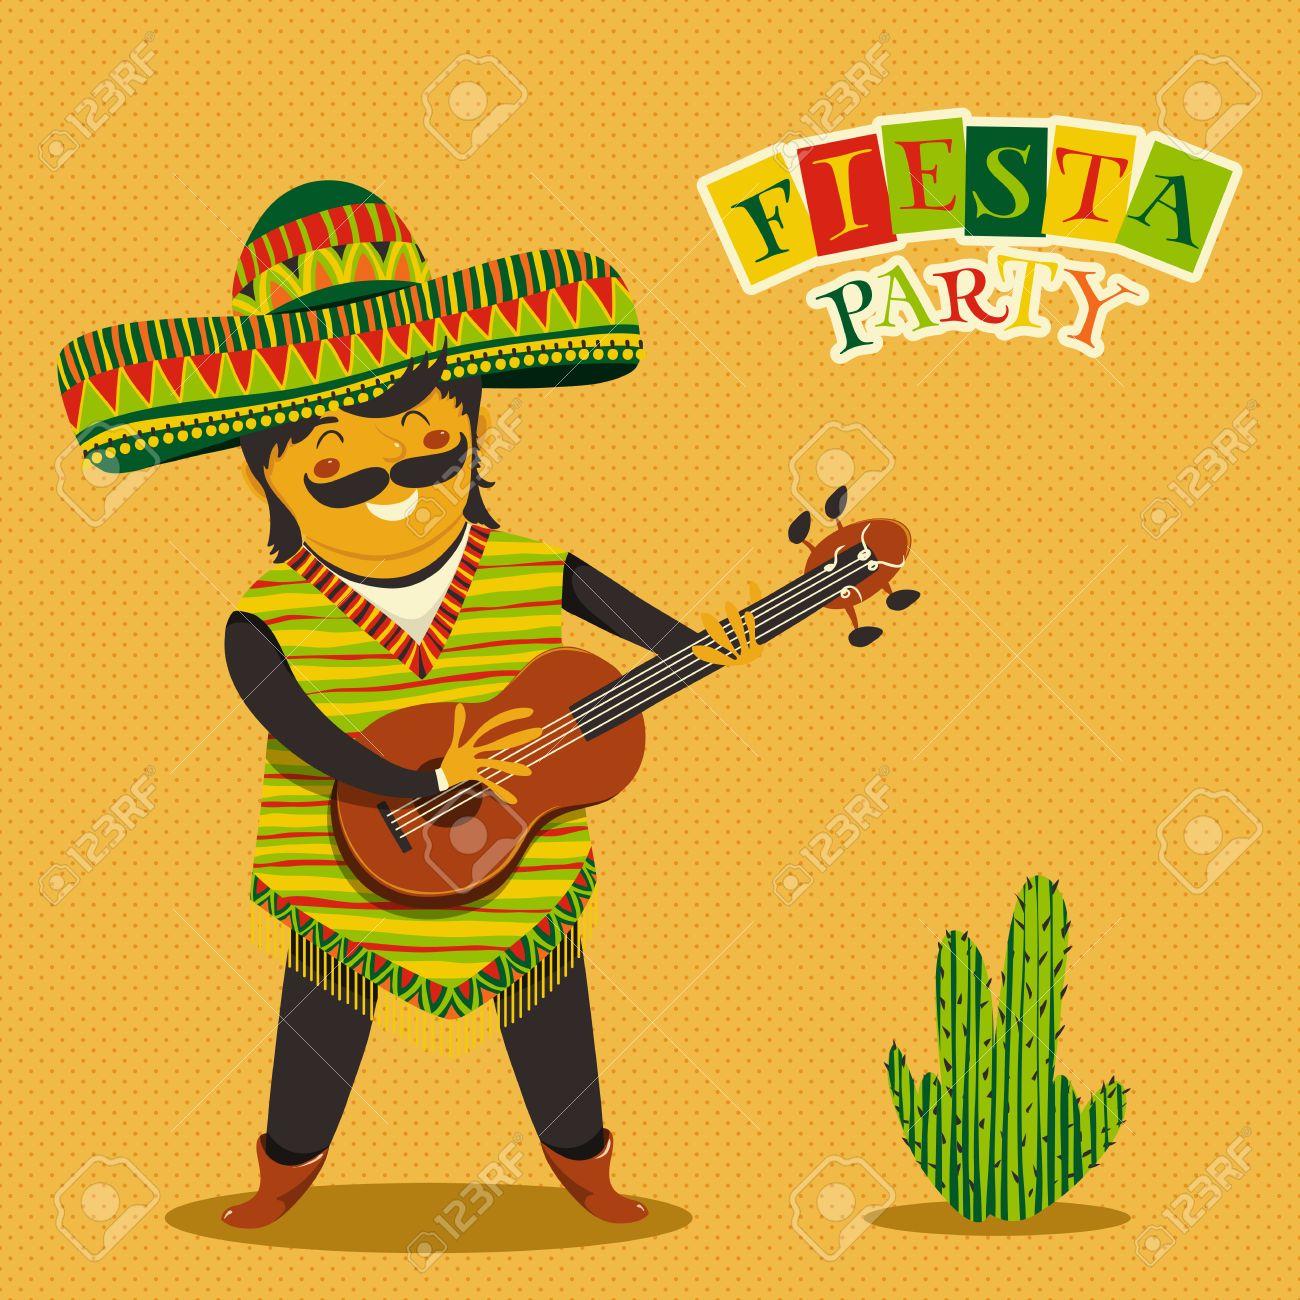 Invitación De La Fiesta Fiesta Mexicana Con Hombre Mexicano Tocando La Guitarra En Un Sombrero Y Cactuse Dibujado A Mano Ilustración Del Cartel